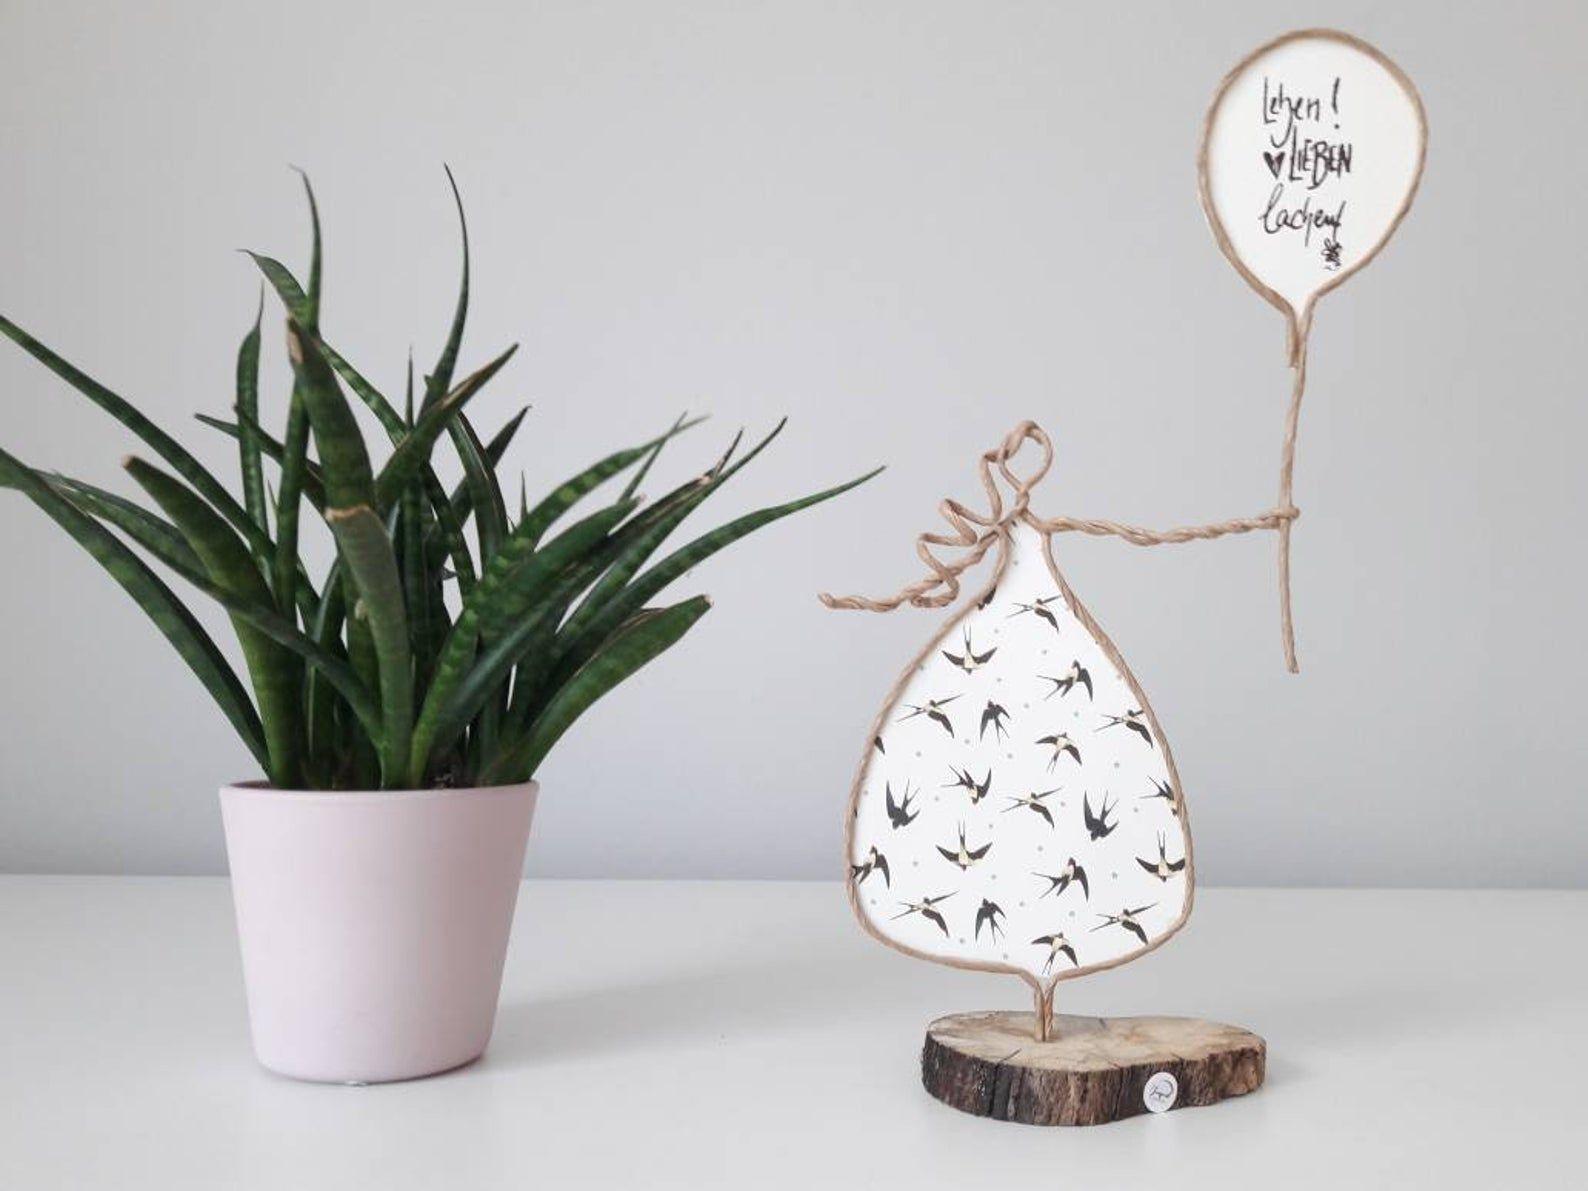 Papierdrahtfiguren: Frau mit Ballon - Leben, Liebe, Lachen. Perfektes Geschenk für Ihren Geburtstag oder für Ihre Lieblingsperson.